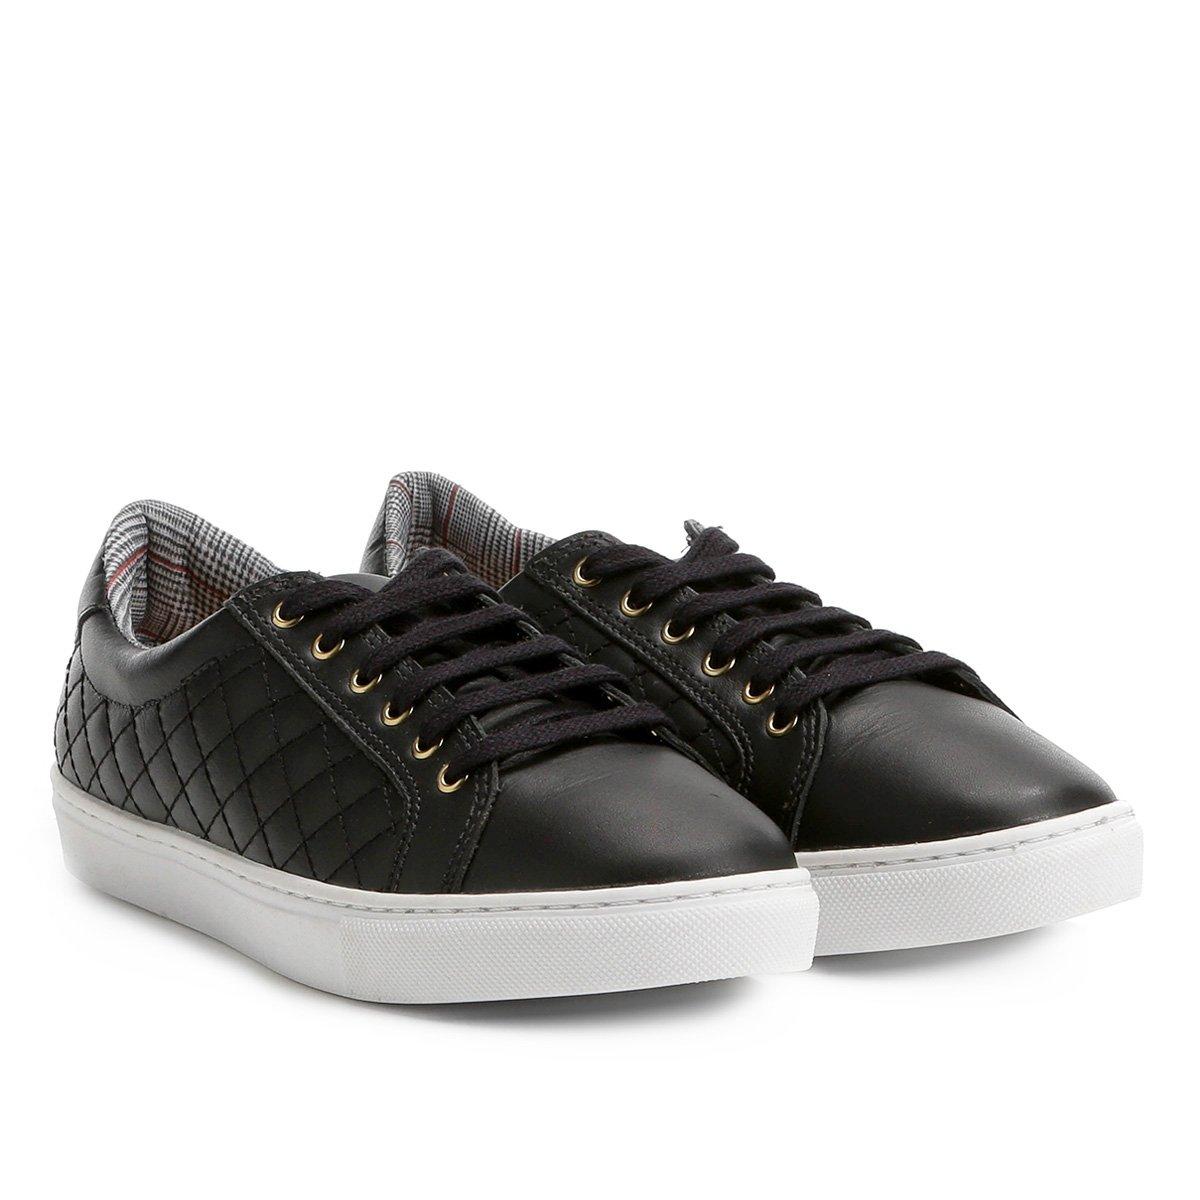 f2b426584 Tênis Couro Shoestock Matelassê Feminino - Compre Agora